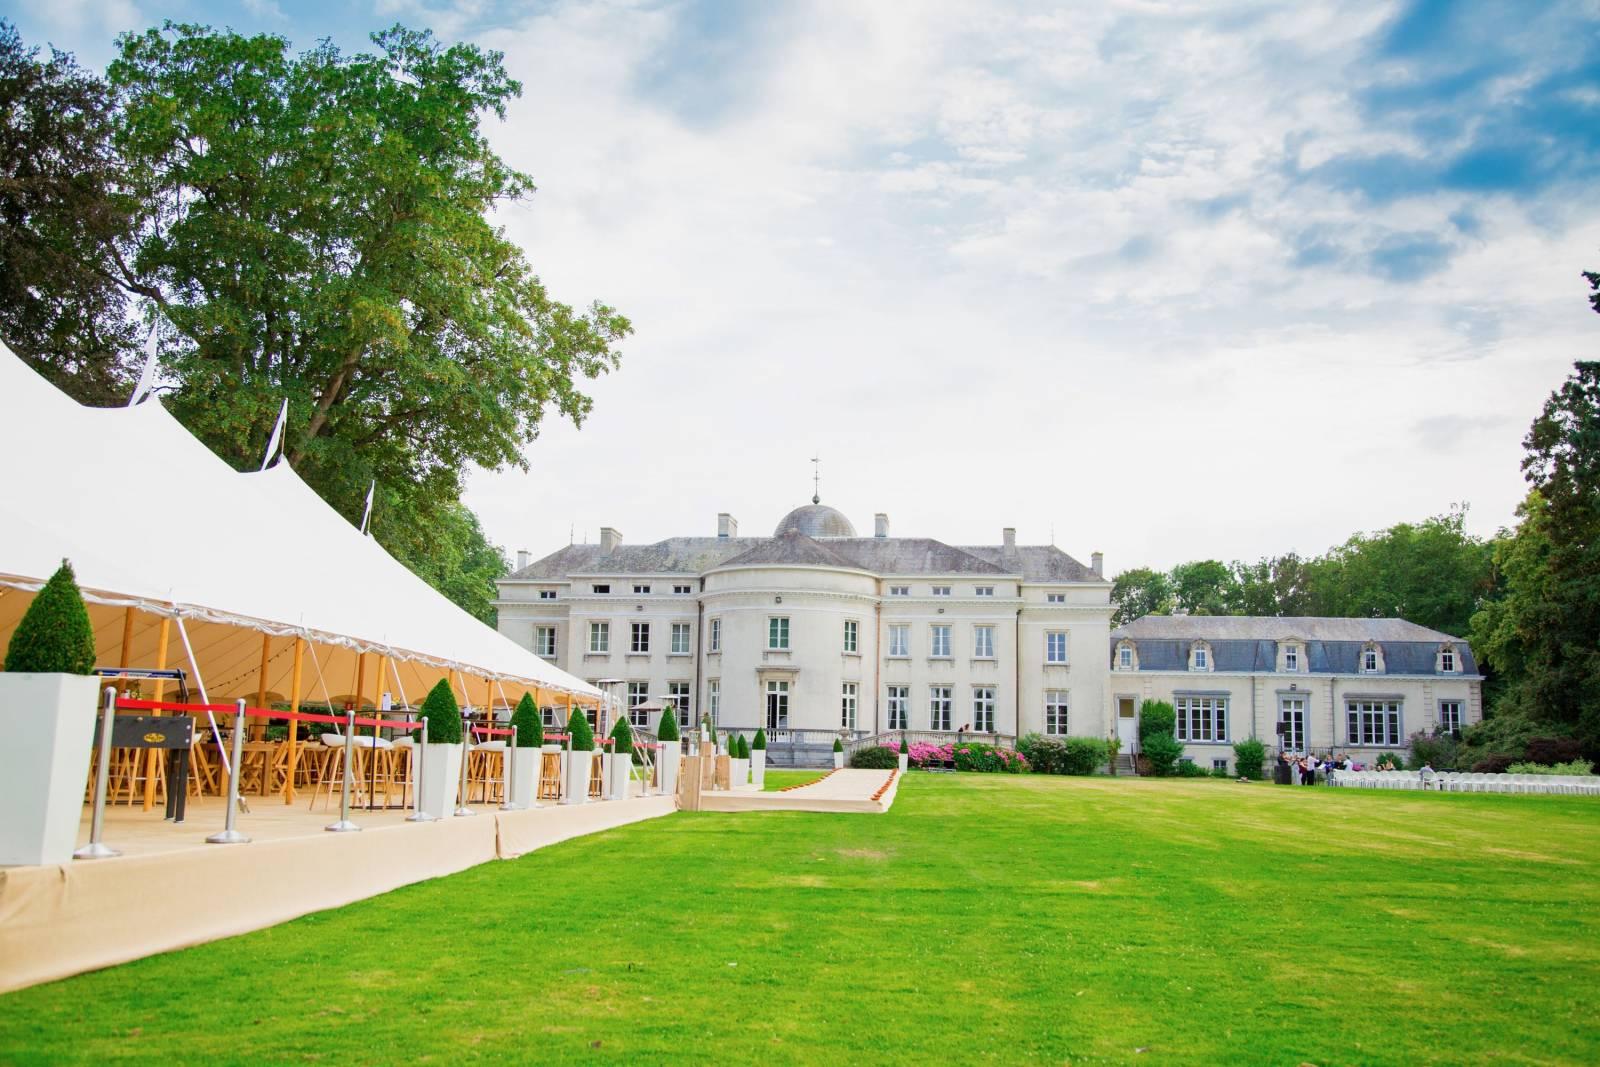 Trouwkasteel - Feestzaal - House of Weddings - 8